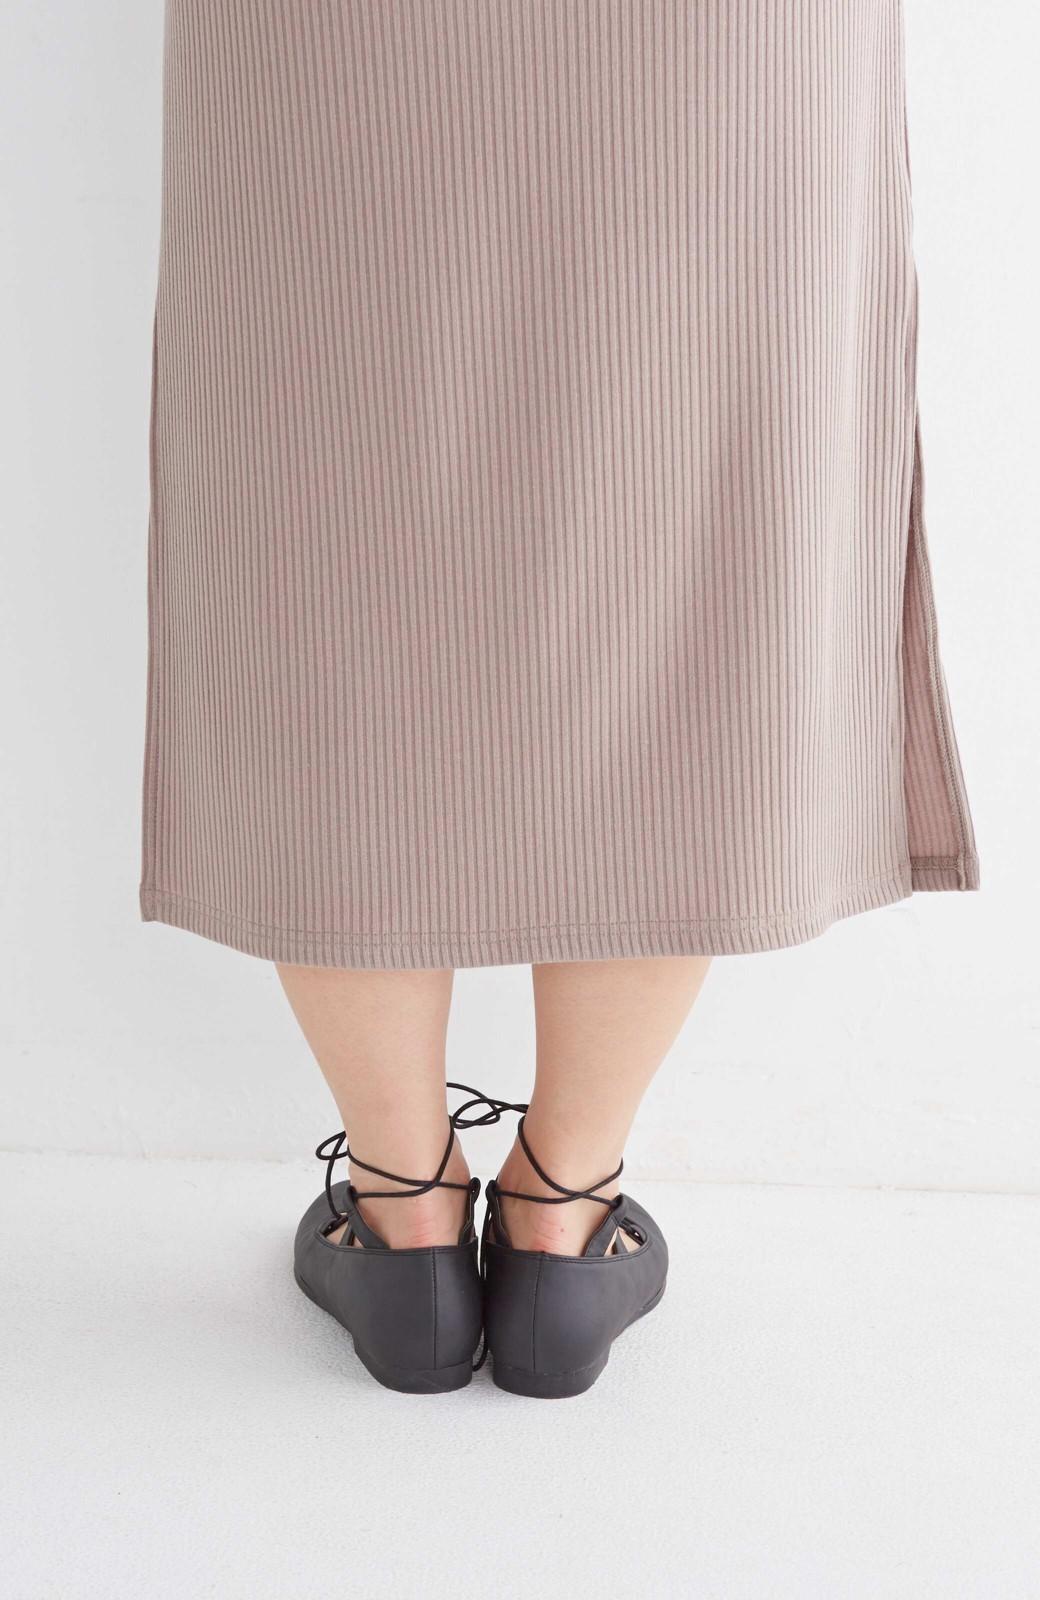 nusy 足もとポイントの編み上げパンプス <ブラック>の商品写真5